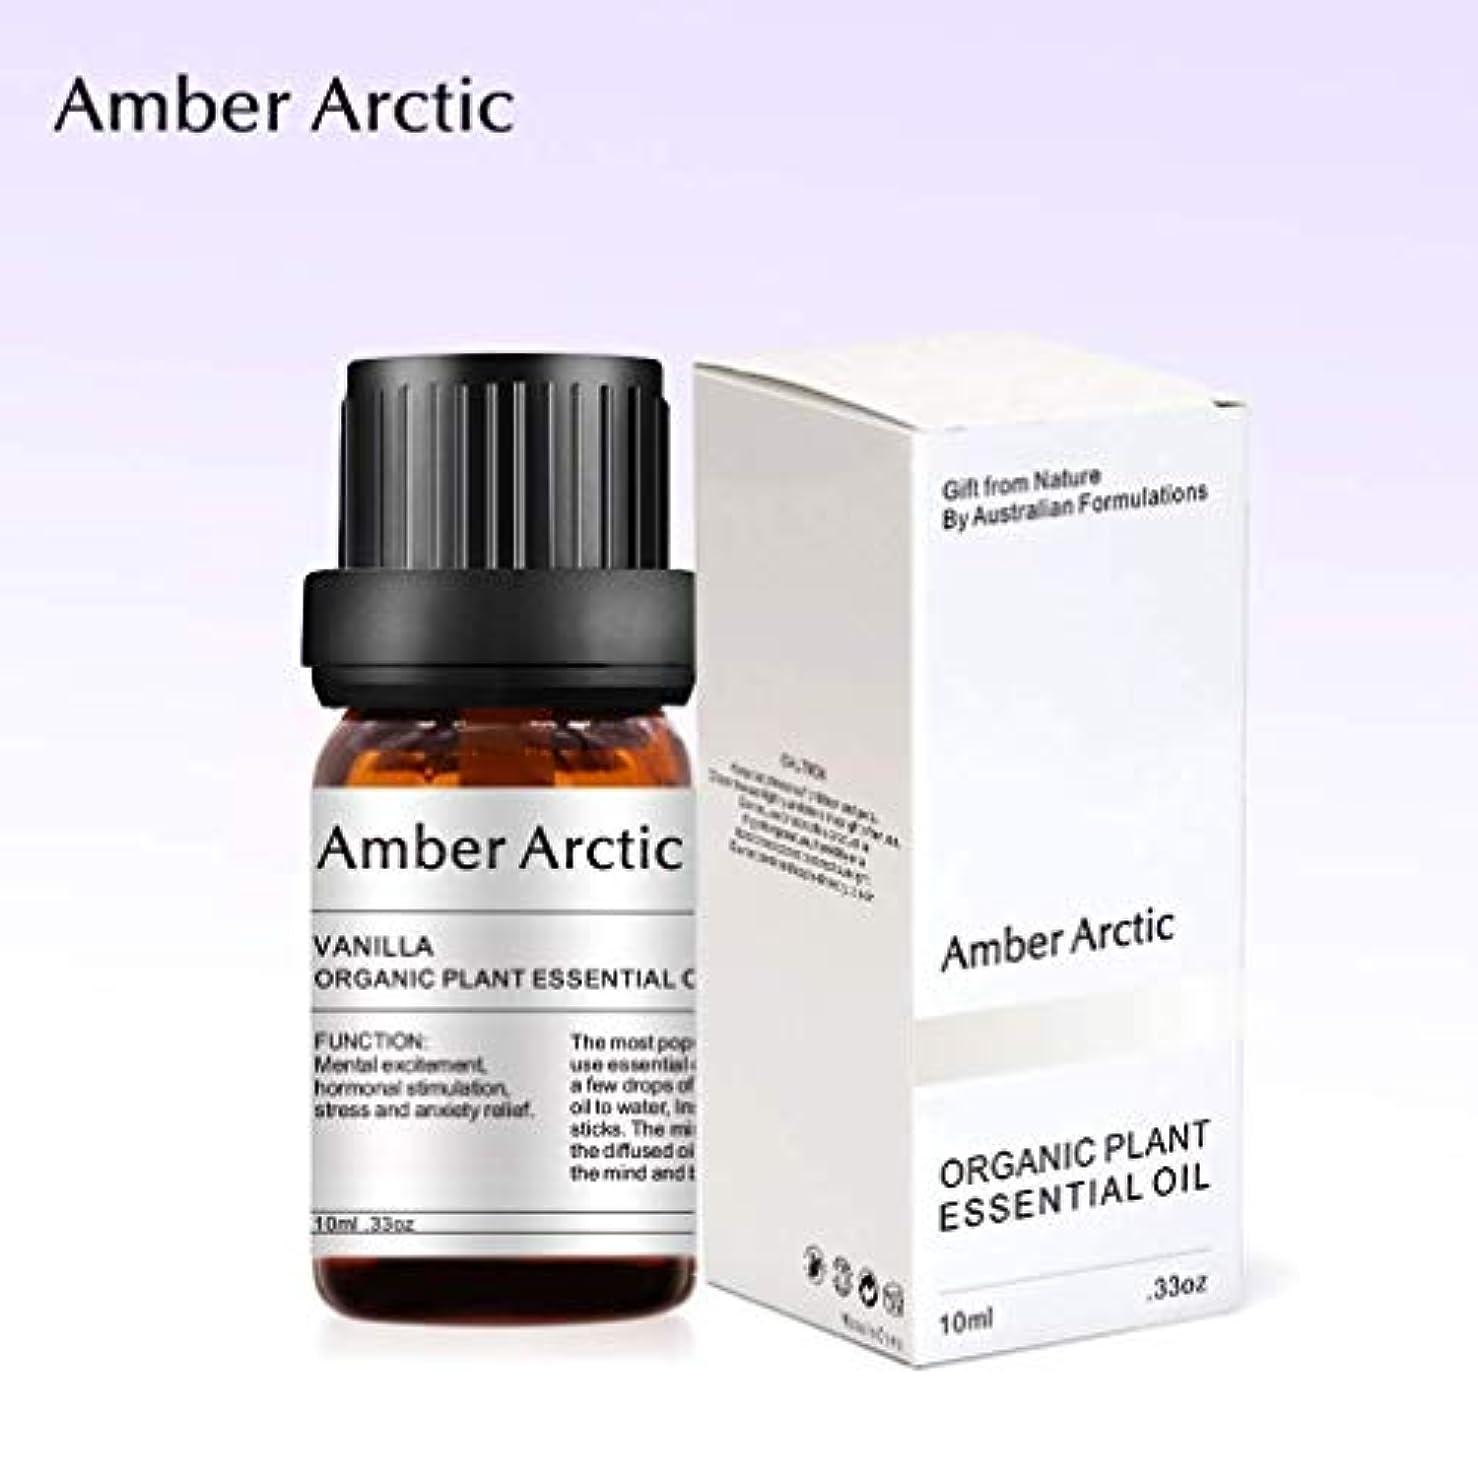 うめき声悪魔新しさAmber Arctic バニラ 精油、 ディフューザ 100% 純粋 天然 アロマ エッセンシャル オイル (10ml) 中